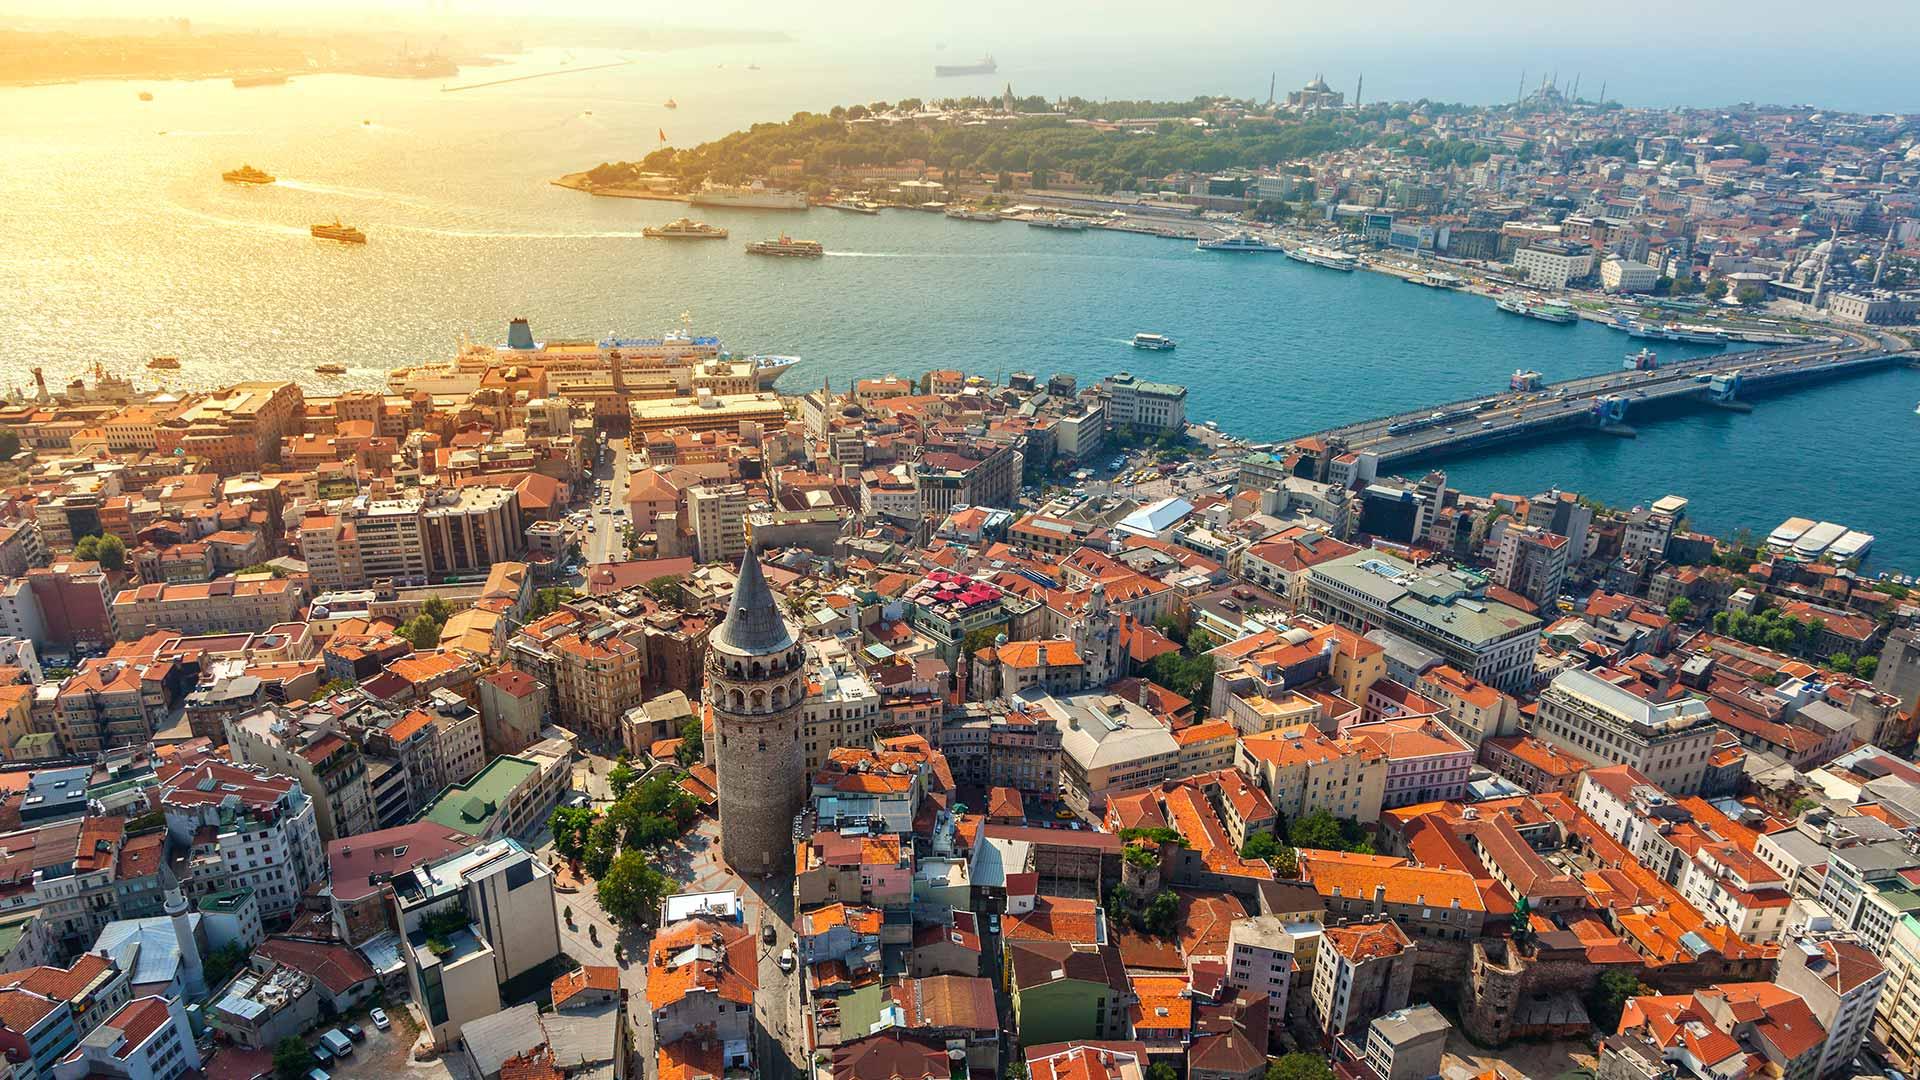 اثاث کشی به استانبول به صورت زمینی